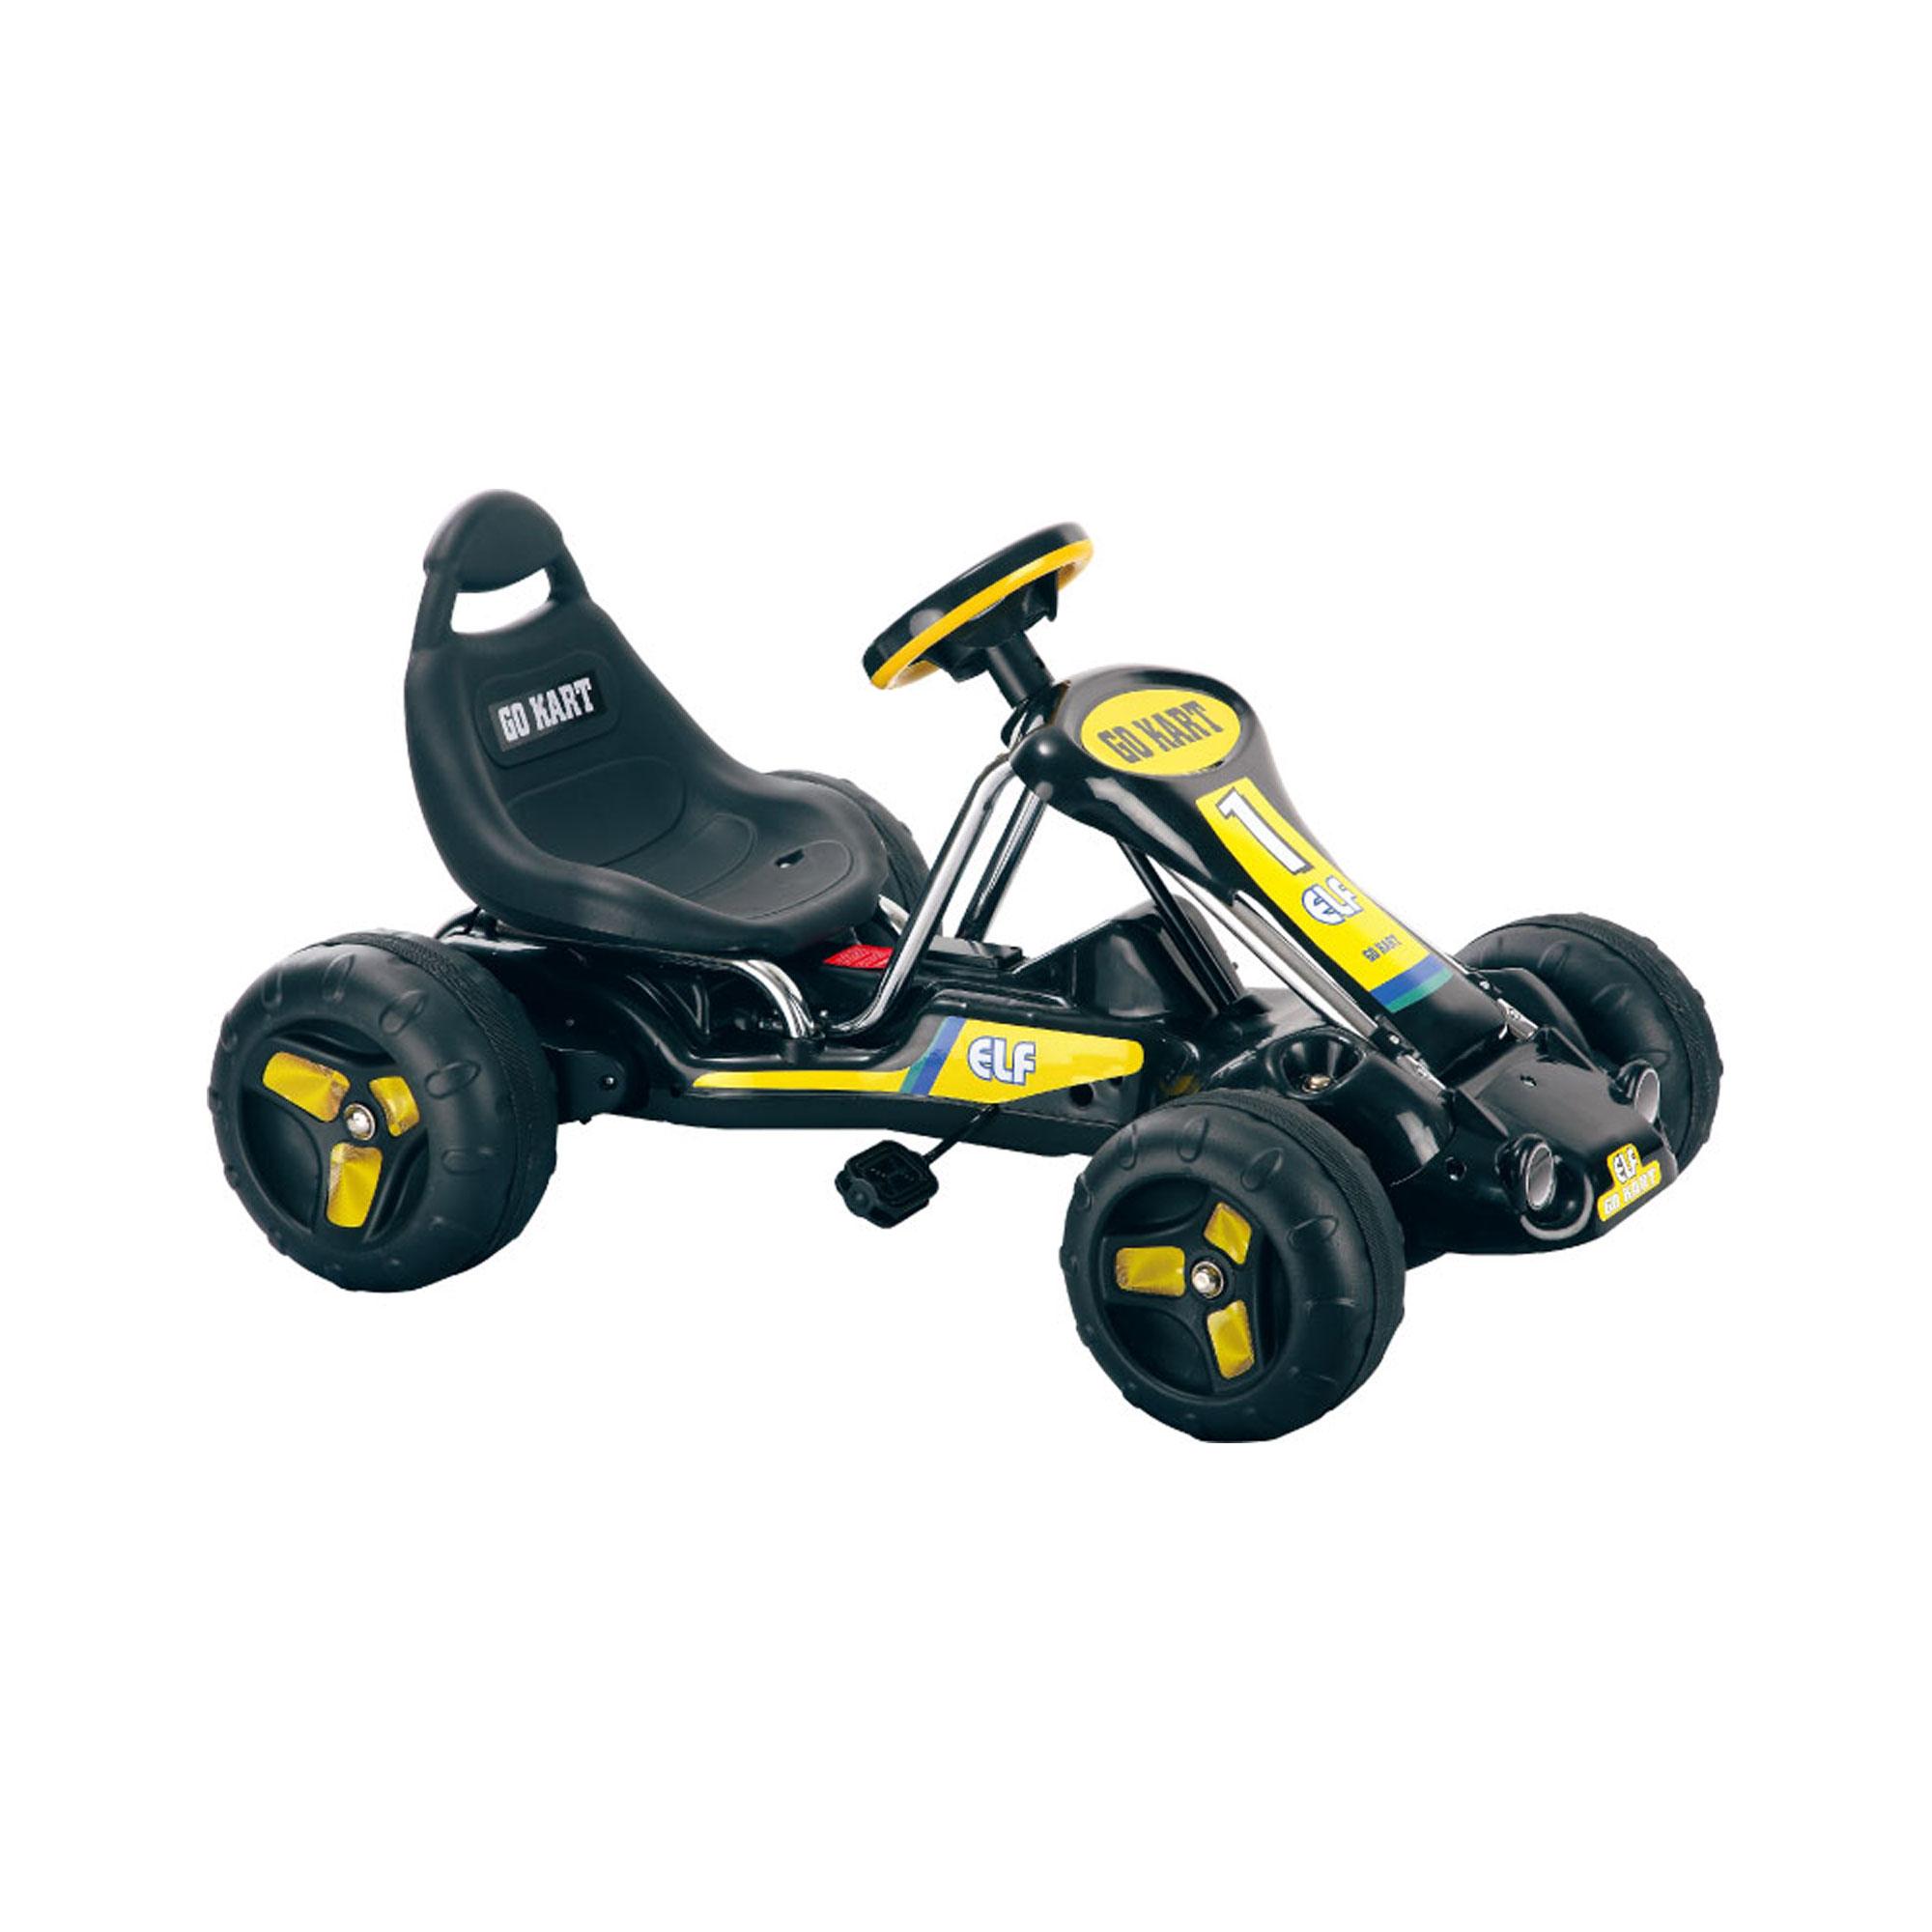 电瓶 四轮儿童电动汽 车  宝宝可坐玩具 车; 遥控儿童电动车四轮卡丁